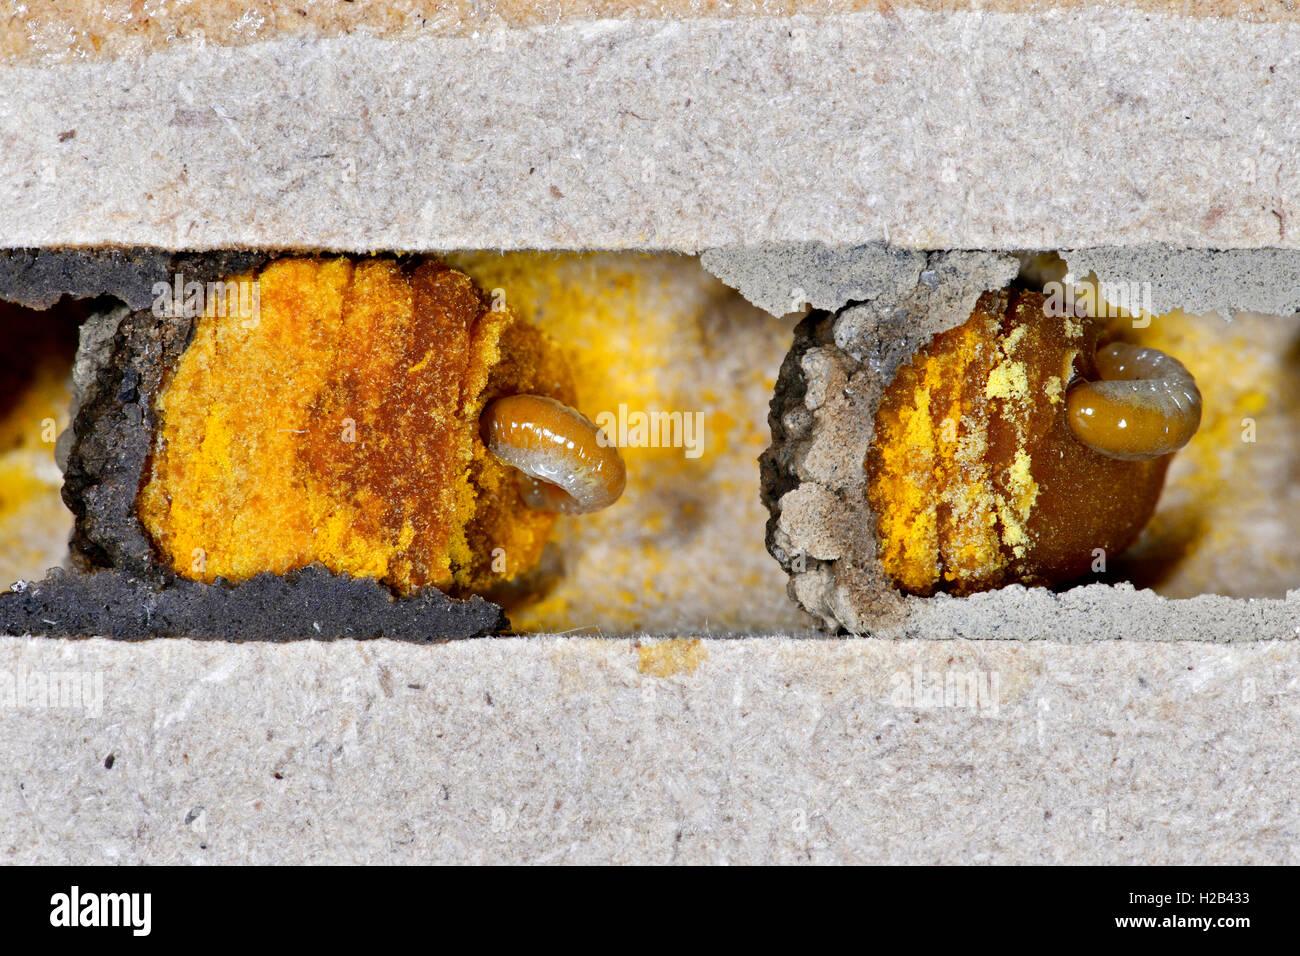 Larven der Gehörnten Mauerbiene (Osmia cornuta) fressen einen Pollen-Nektarbrei (Pollenbrot) in Brutzellen - Stock Image